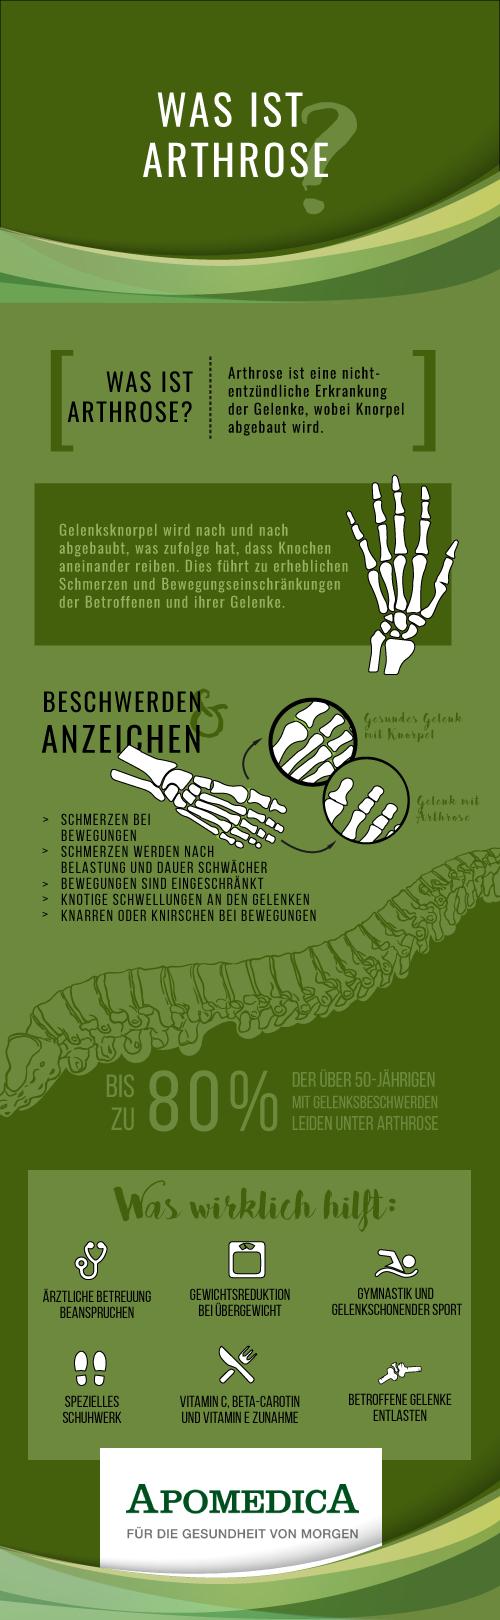 Athrose_Infografik